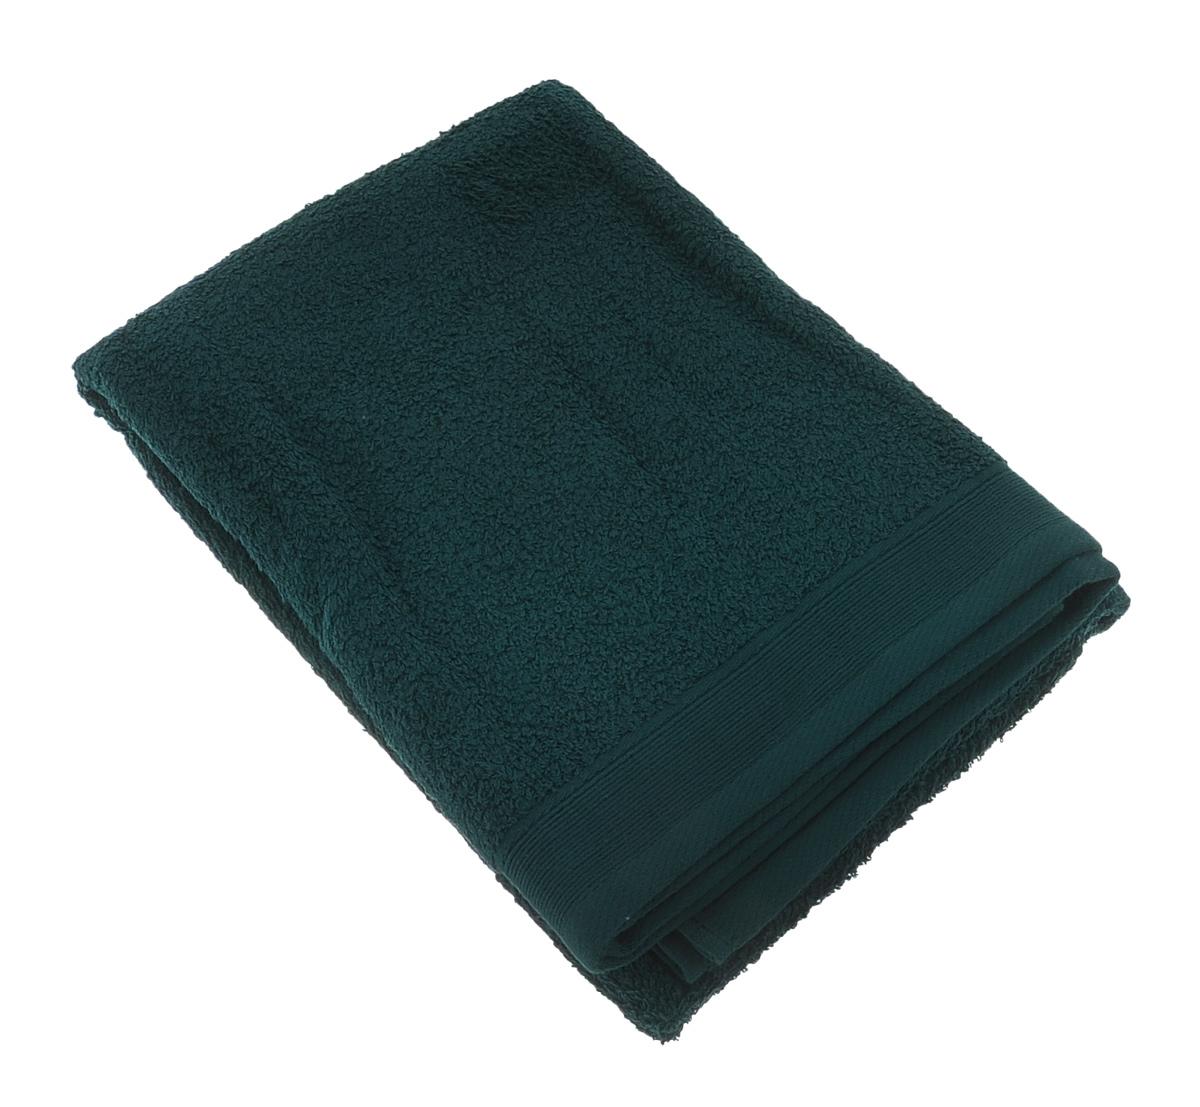 Полотенце махровое Guten Morgen, цвет: темно-зеленый, 70 х 140 см полотенце махровое guten morgen гладкокрашенное пммок 70 140 мокко 70 х 140 см